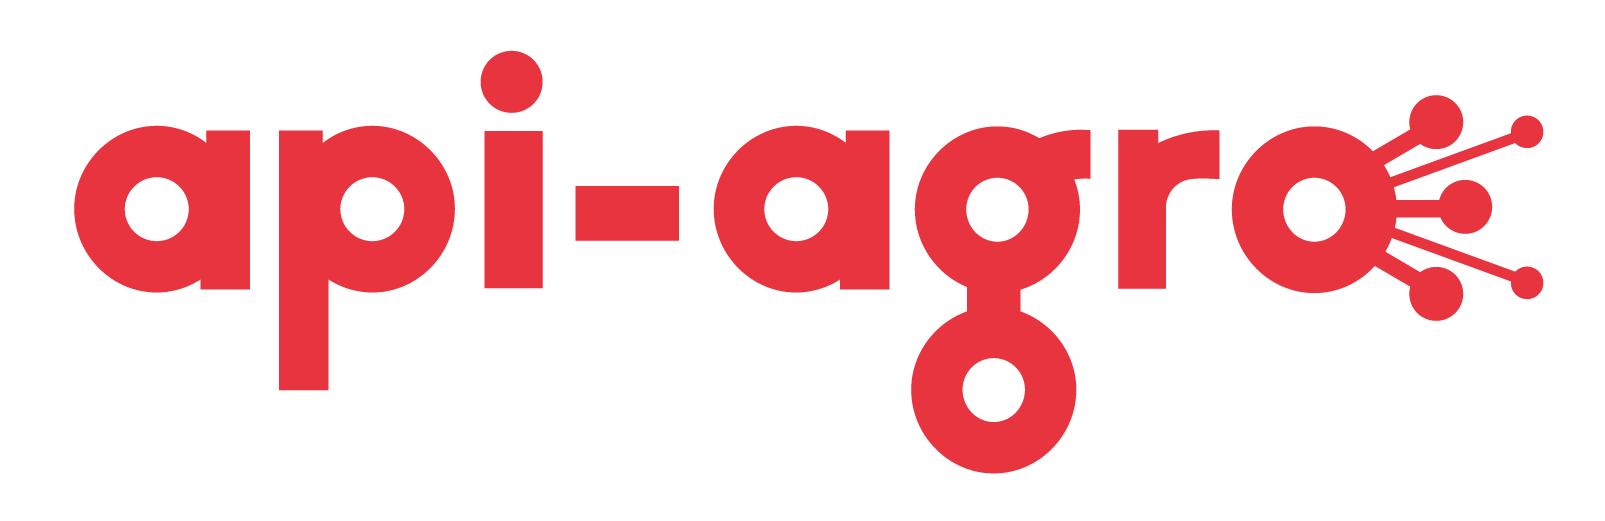 AG datahub : Brand Short Description Type Here.